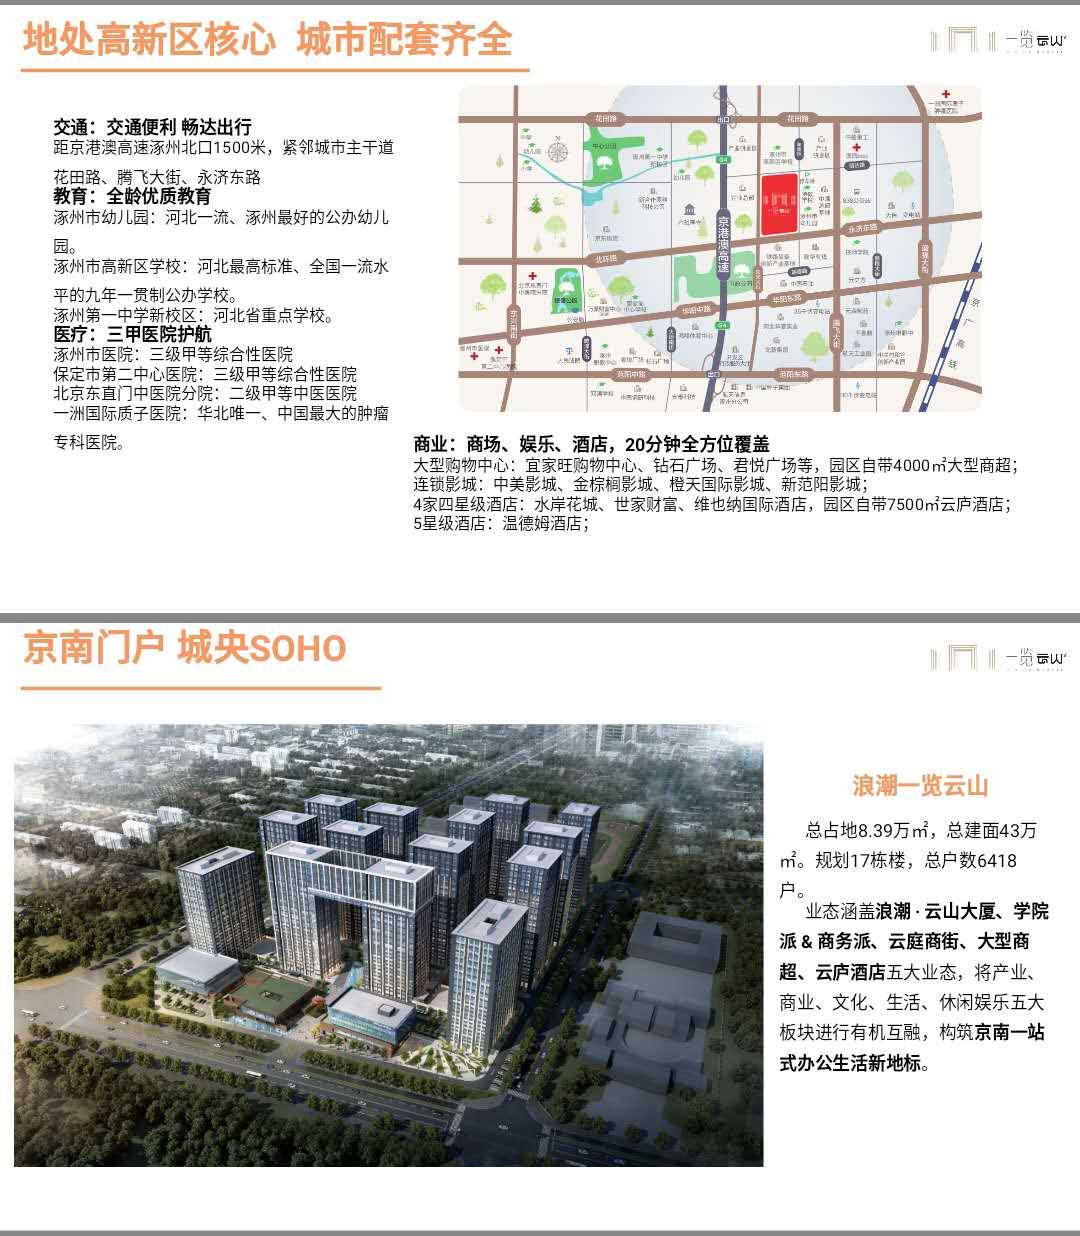 涿州地理位置优势,涿州楼盘房价优势